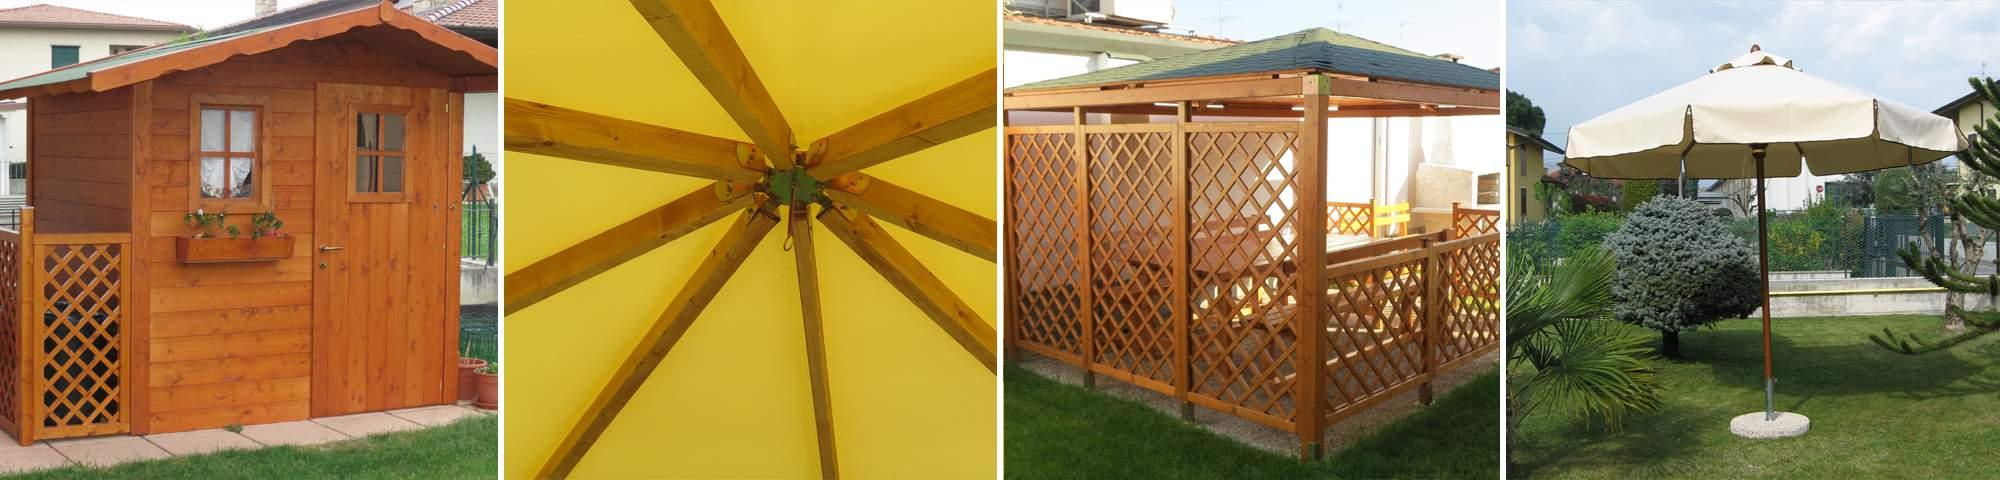 Lavorazione del legno pave snc for Progettazione di mobili lavorazione del legno